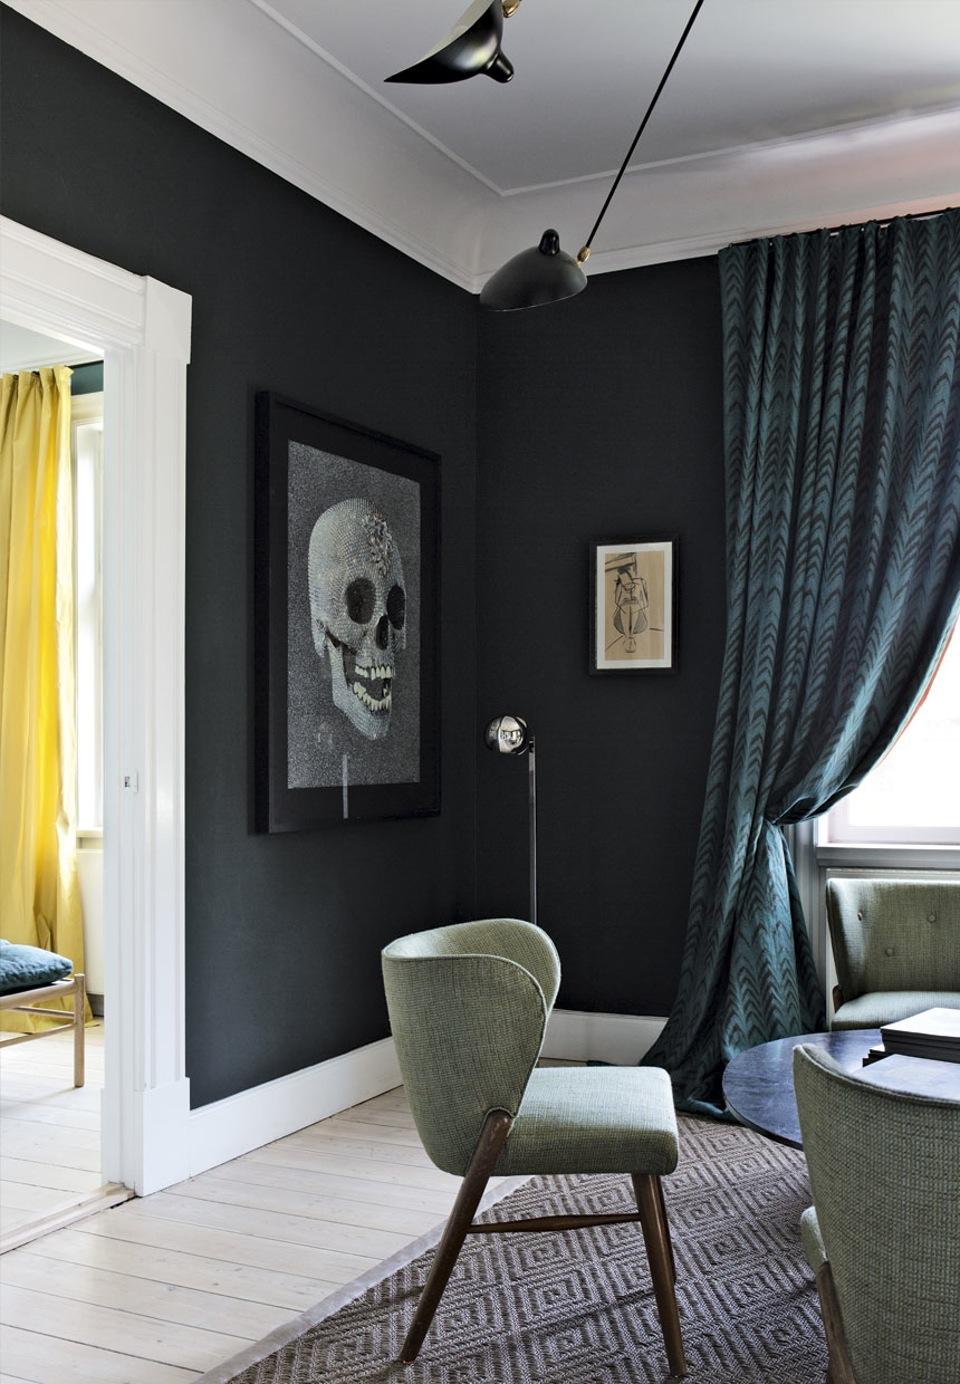 Kleurentrends 2017 2018 fifty shades darker met farrow for Interieur trendkleuren 2018